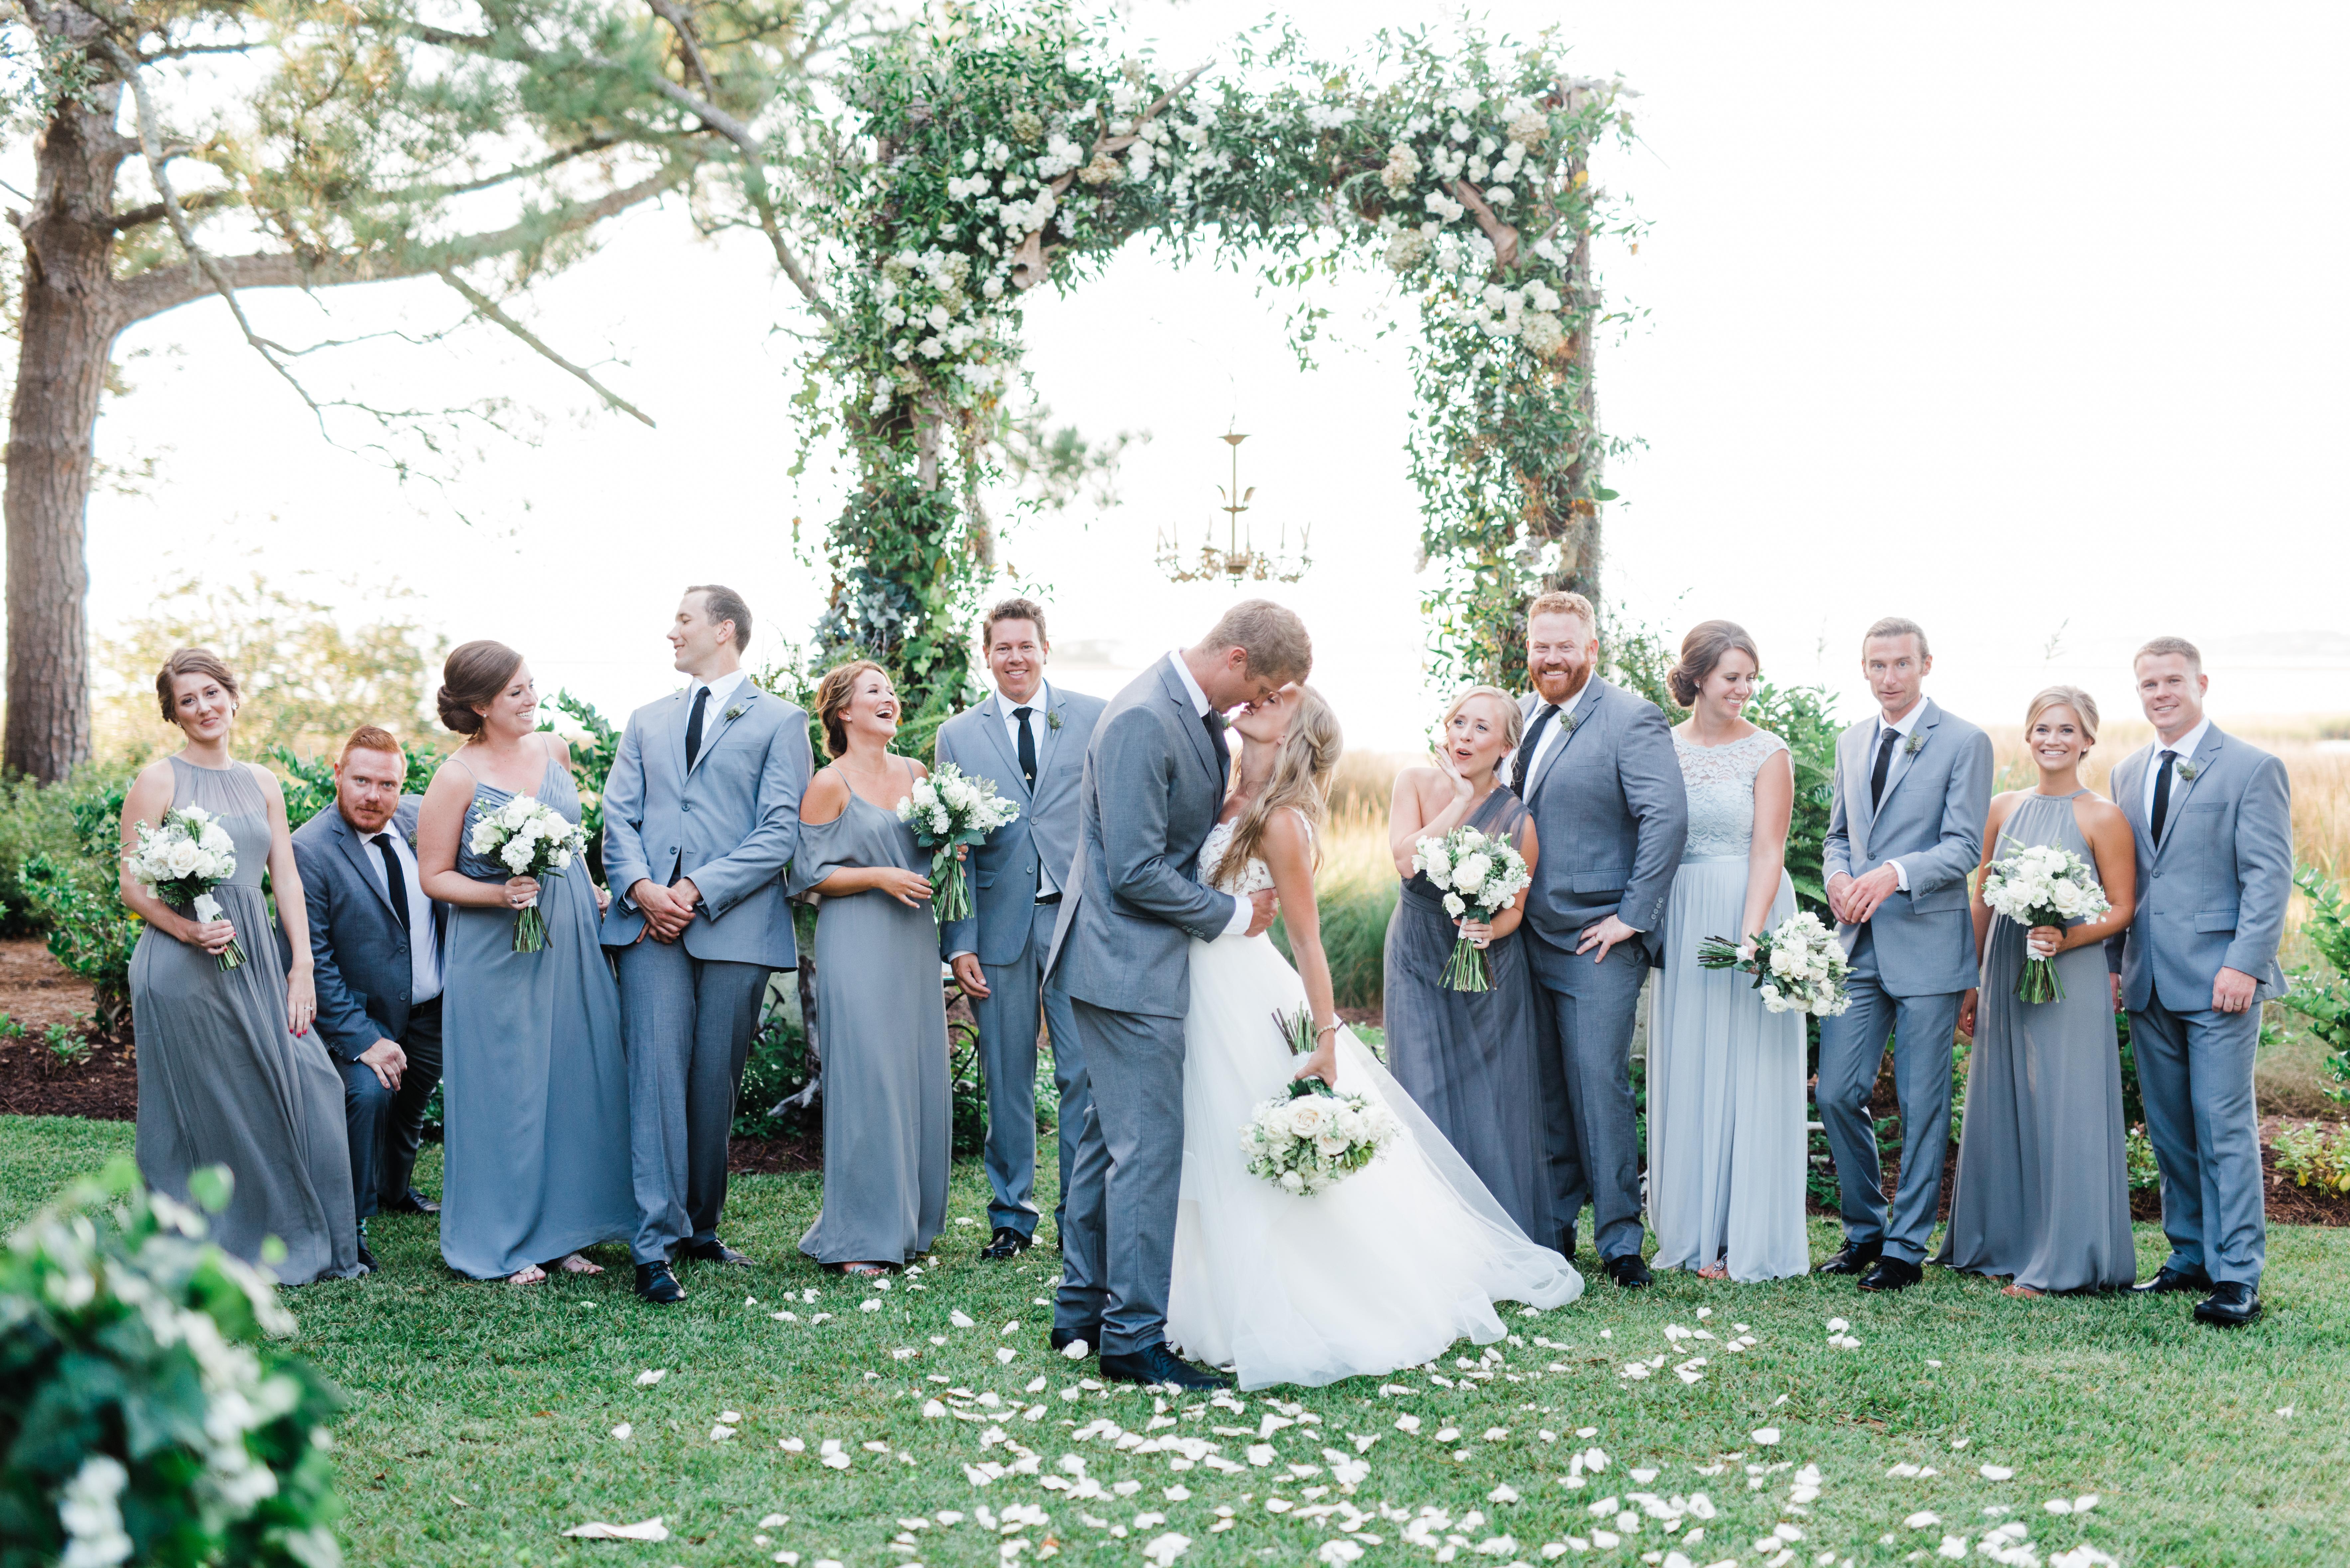 Sneak K Rachel Jeff S The Watson House Emerald Isle Wedding Ancd In Love